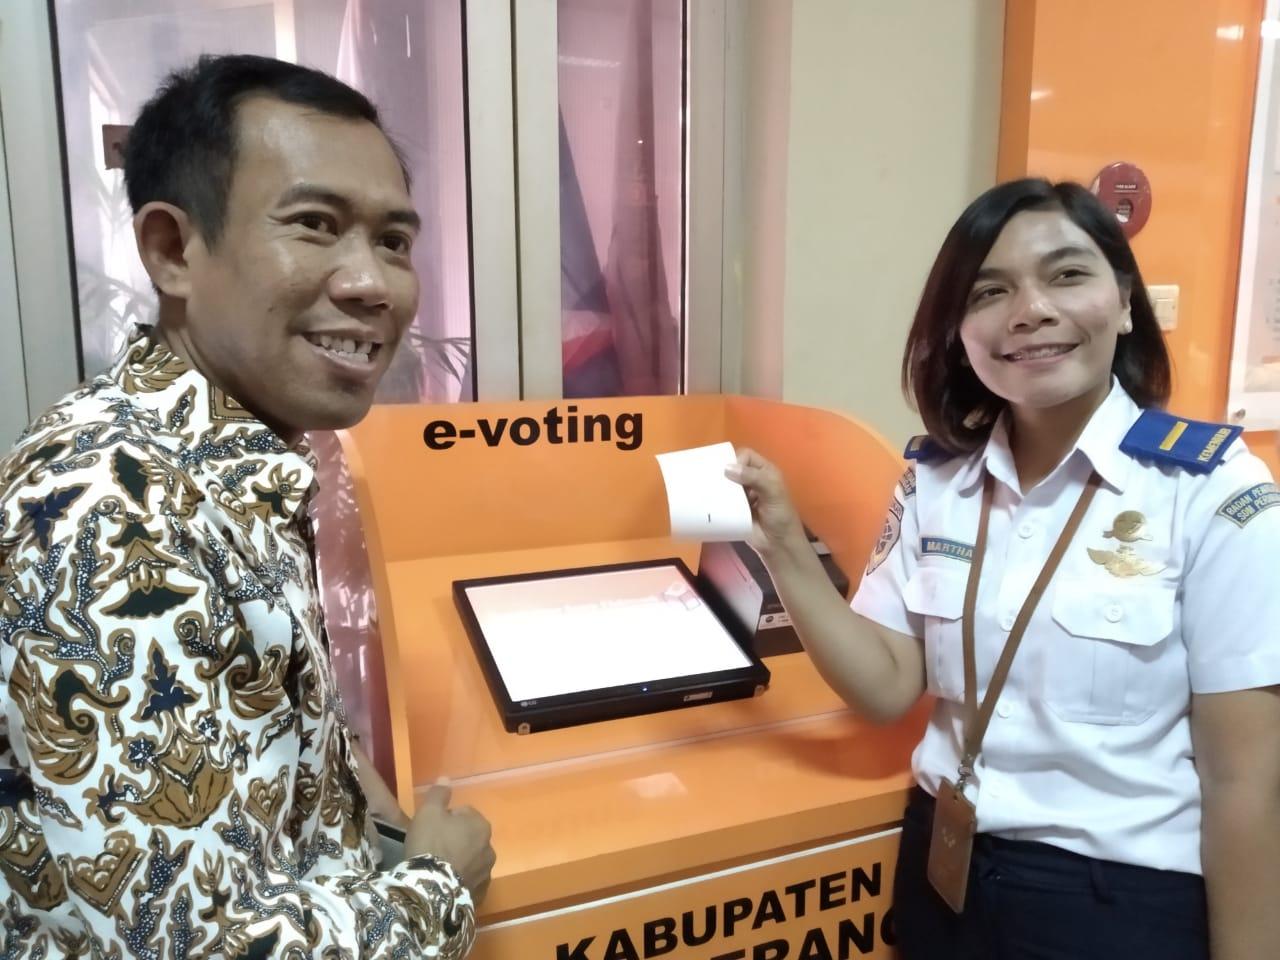 Aplikasi pemungutan suara berbasis digital (e-voting).